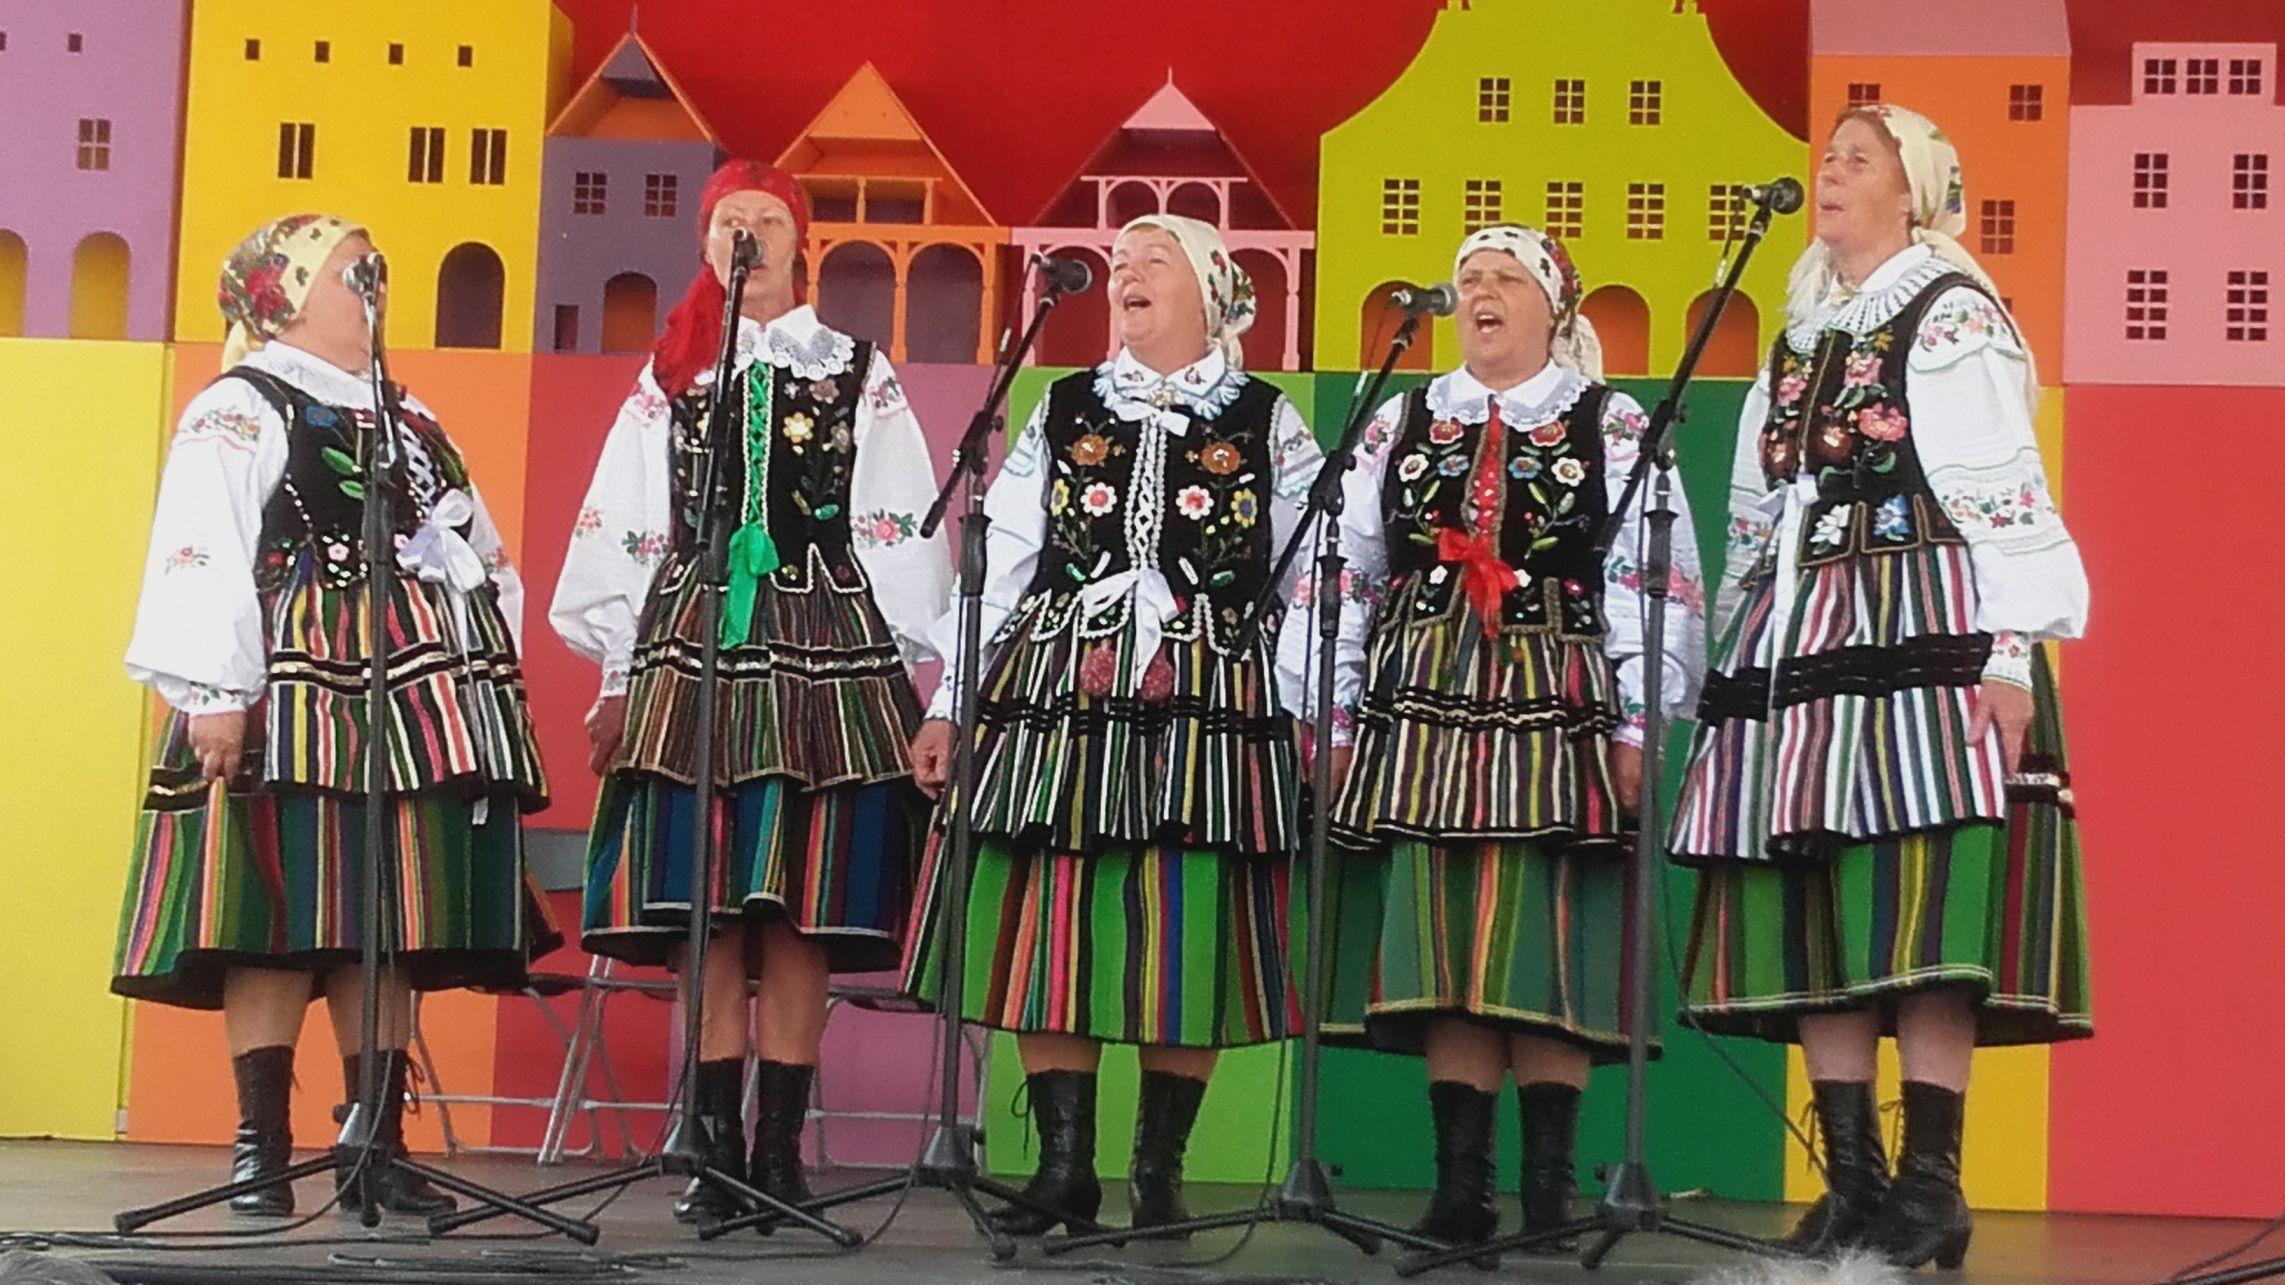 2016-06-25 Kazimierz Dolny - festiwal (24)